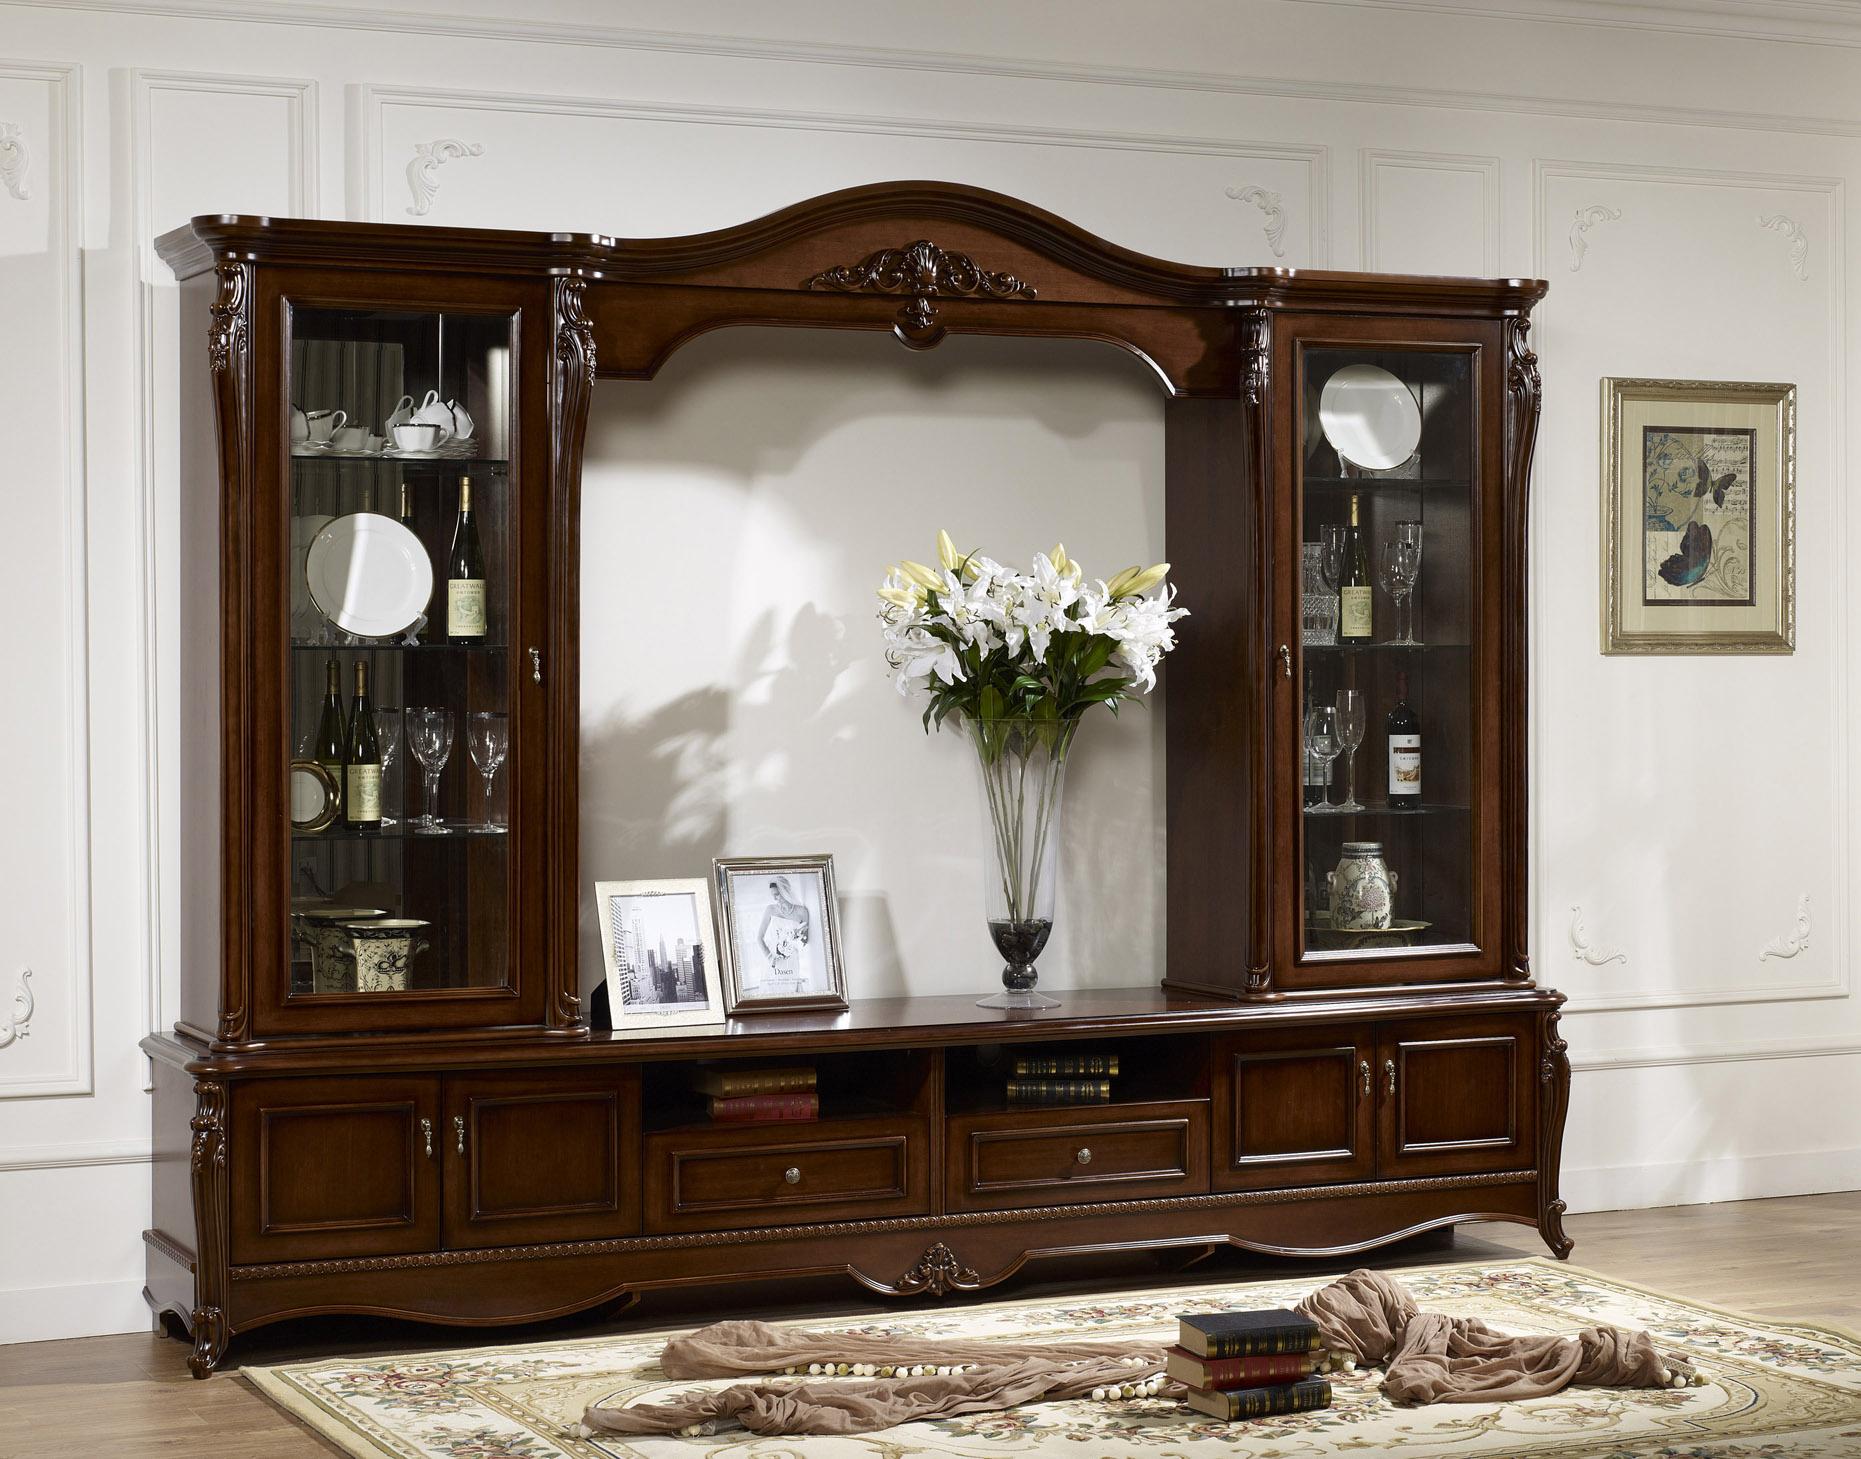 Купить Мебель Для Гостиной Китай